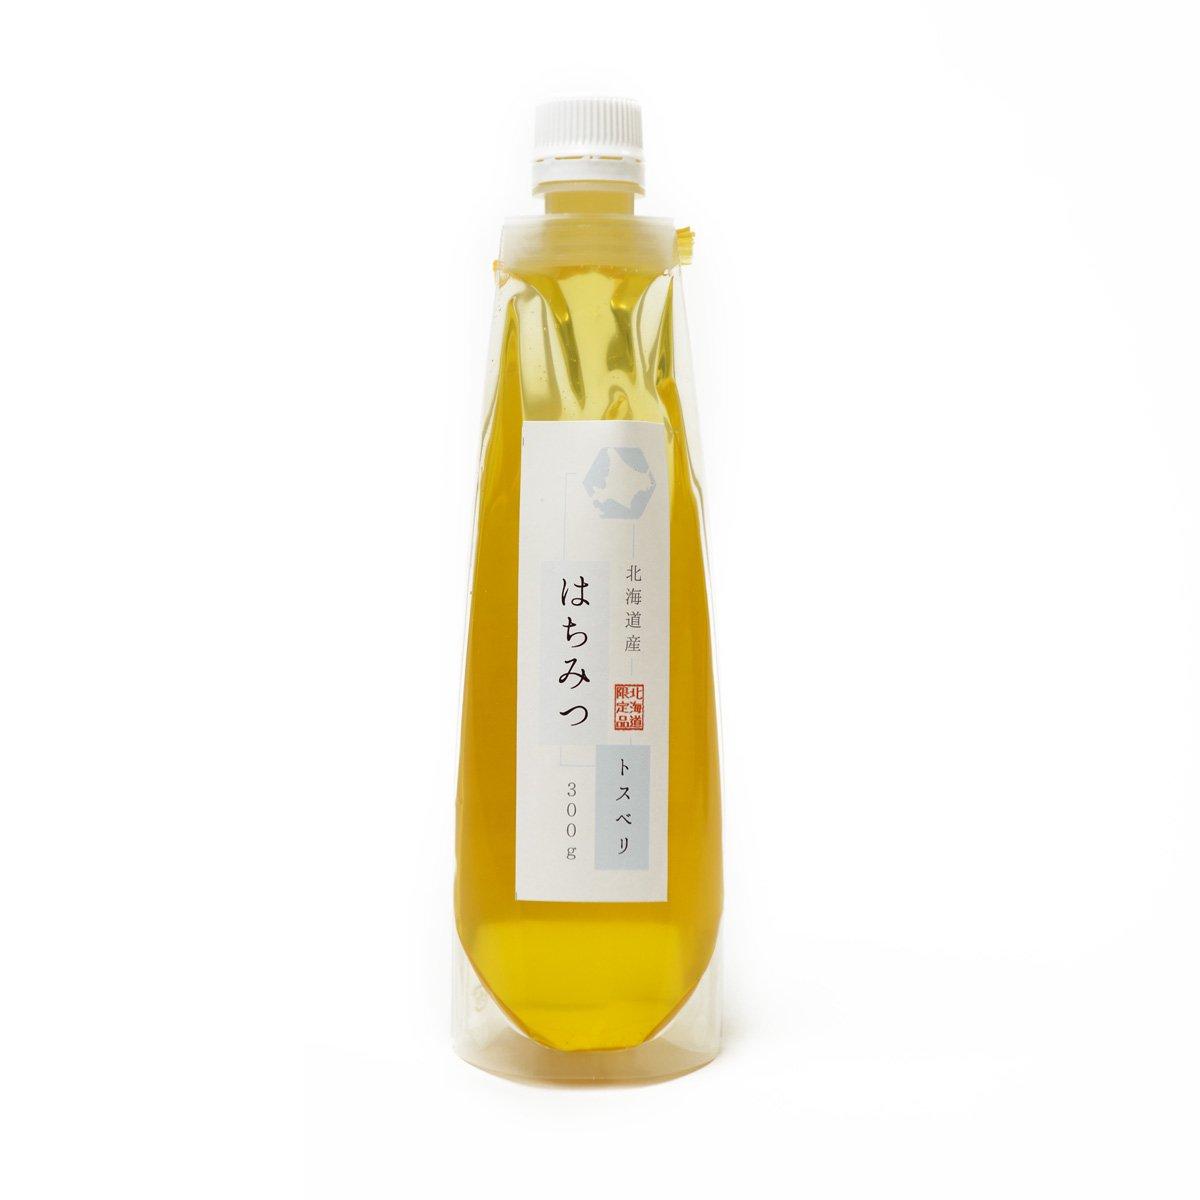 【数量限定】北海道産らくらく蜂蜜 トスベリ